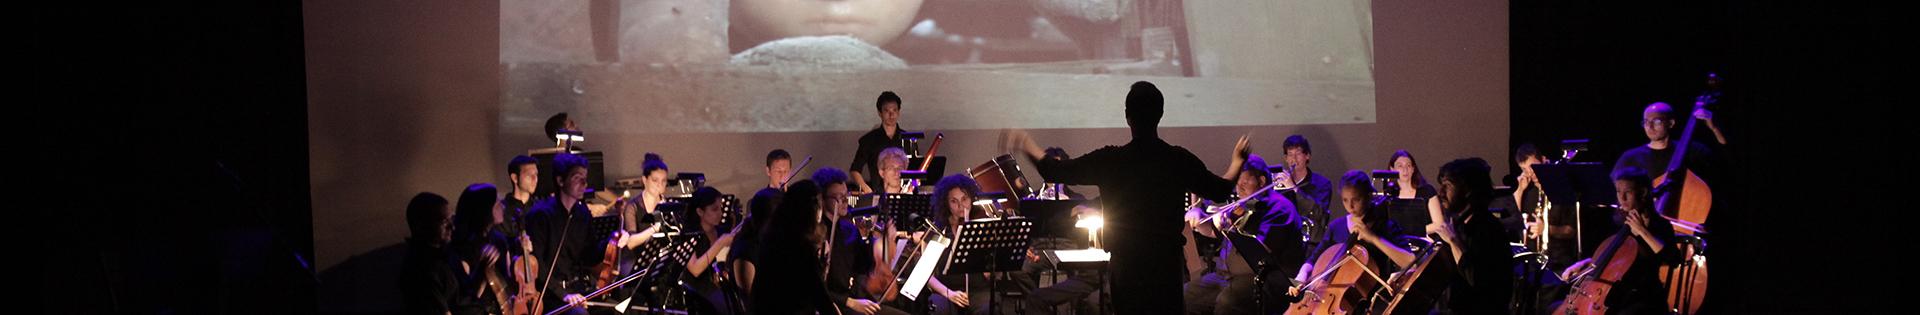 סדרת המהפכה באופרה הישראלית